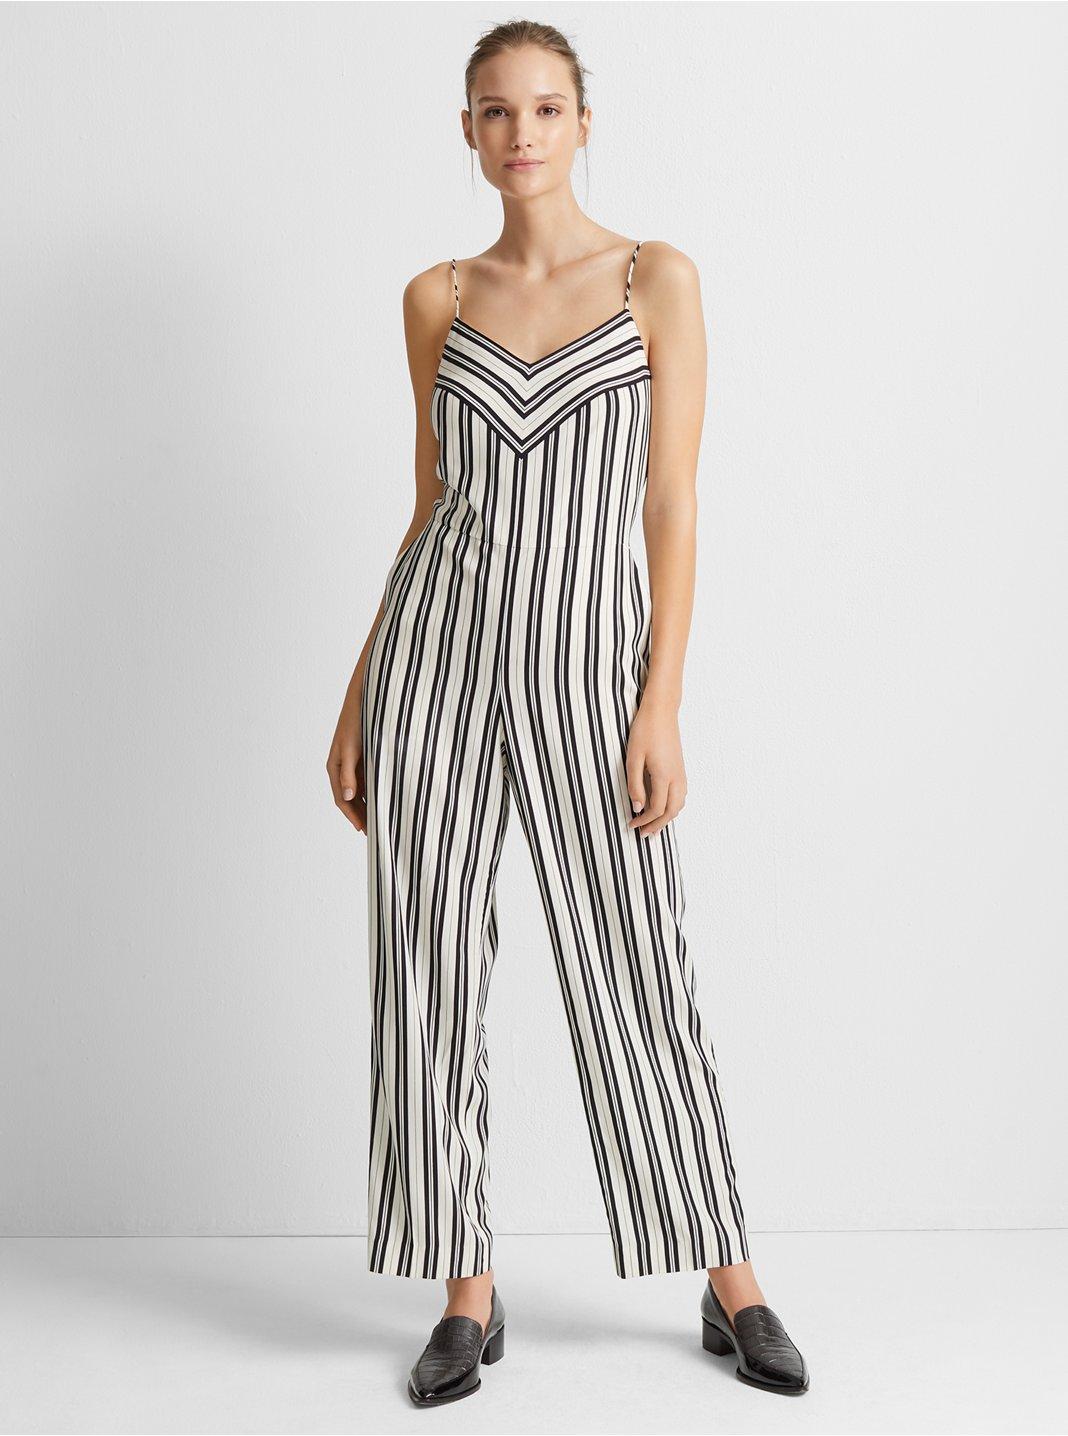 Bar Stripe Jumpsuit